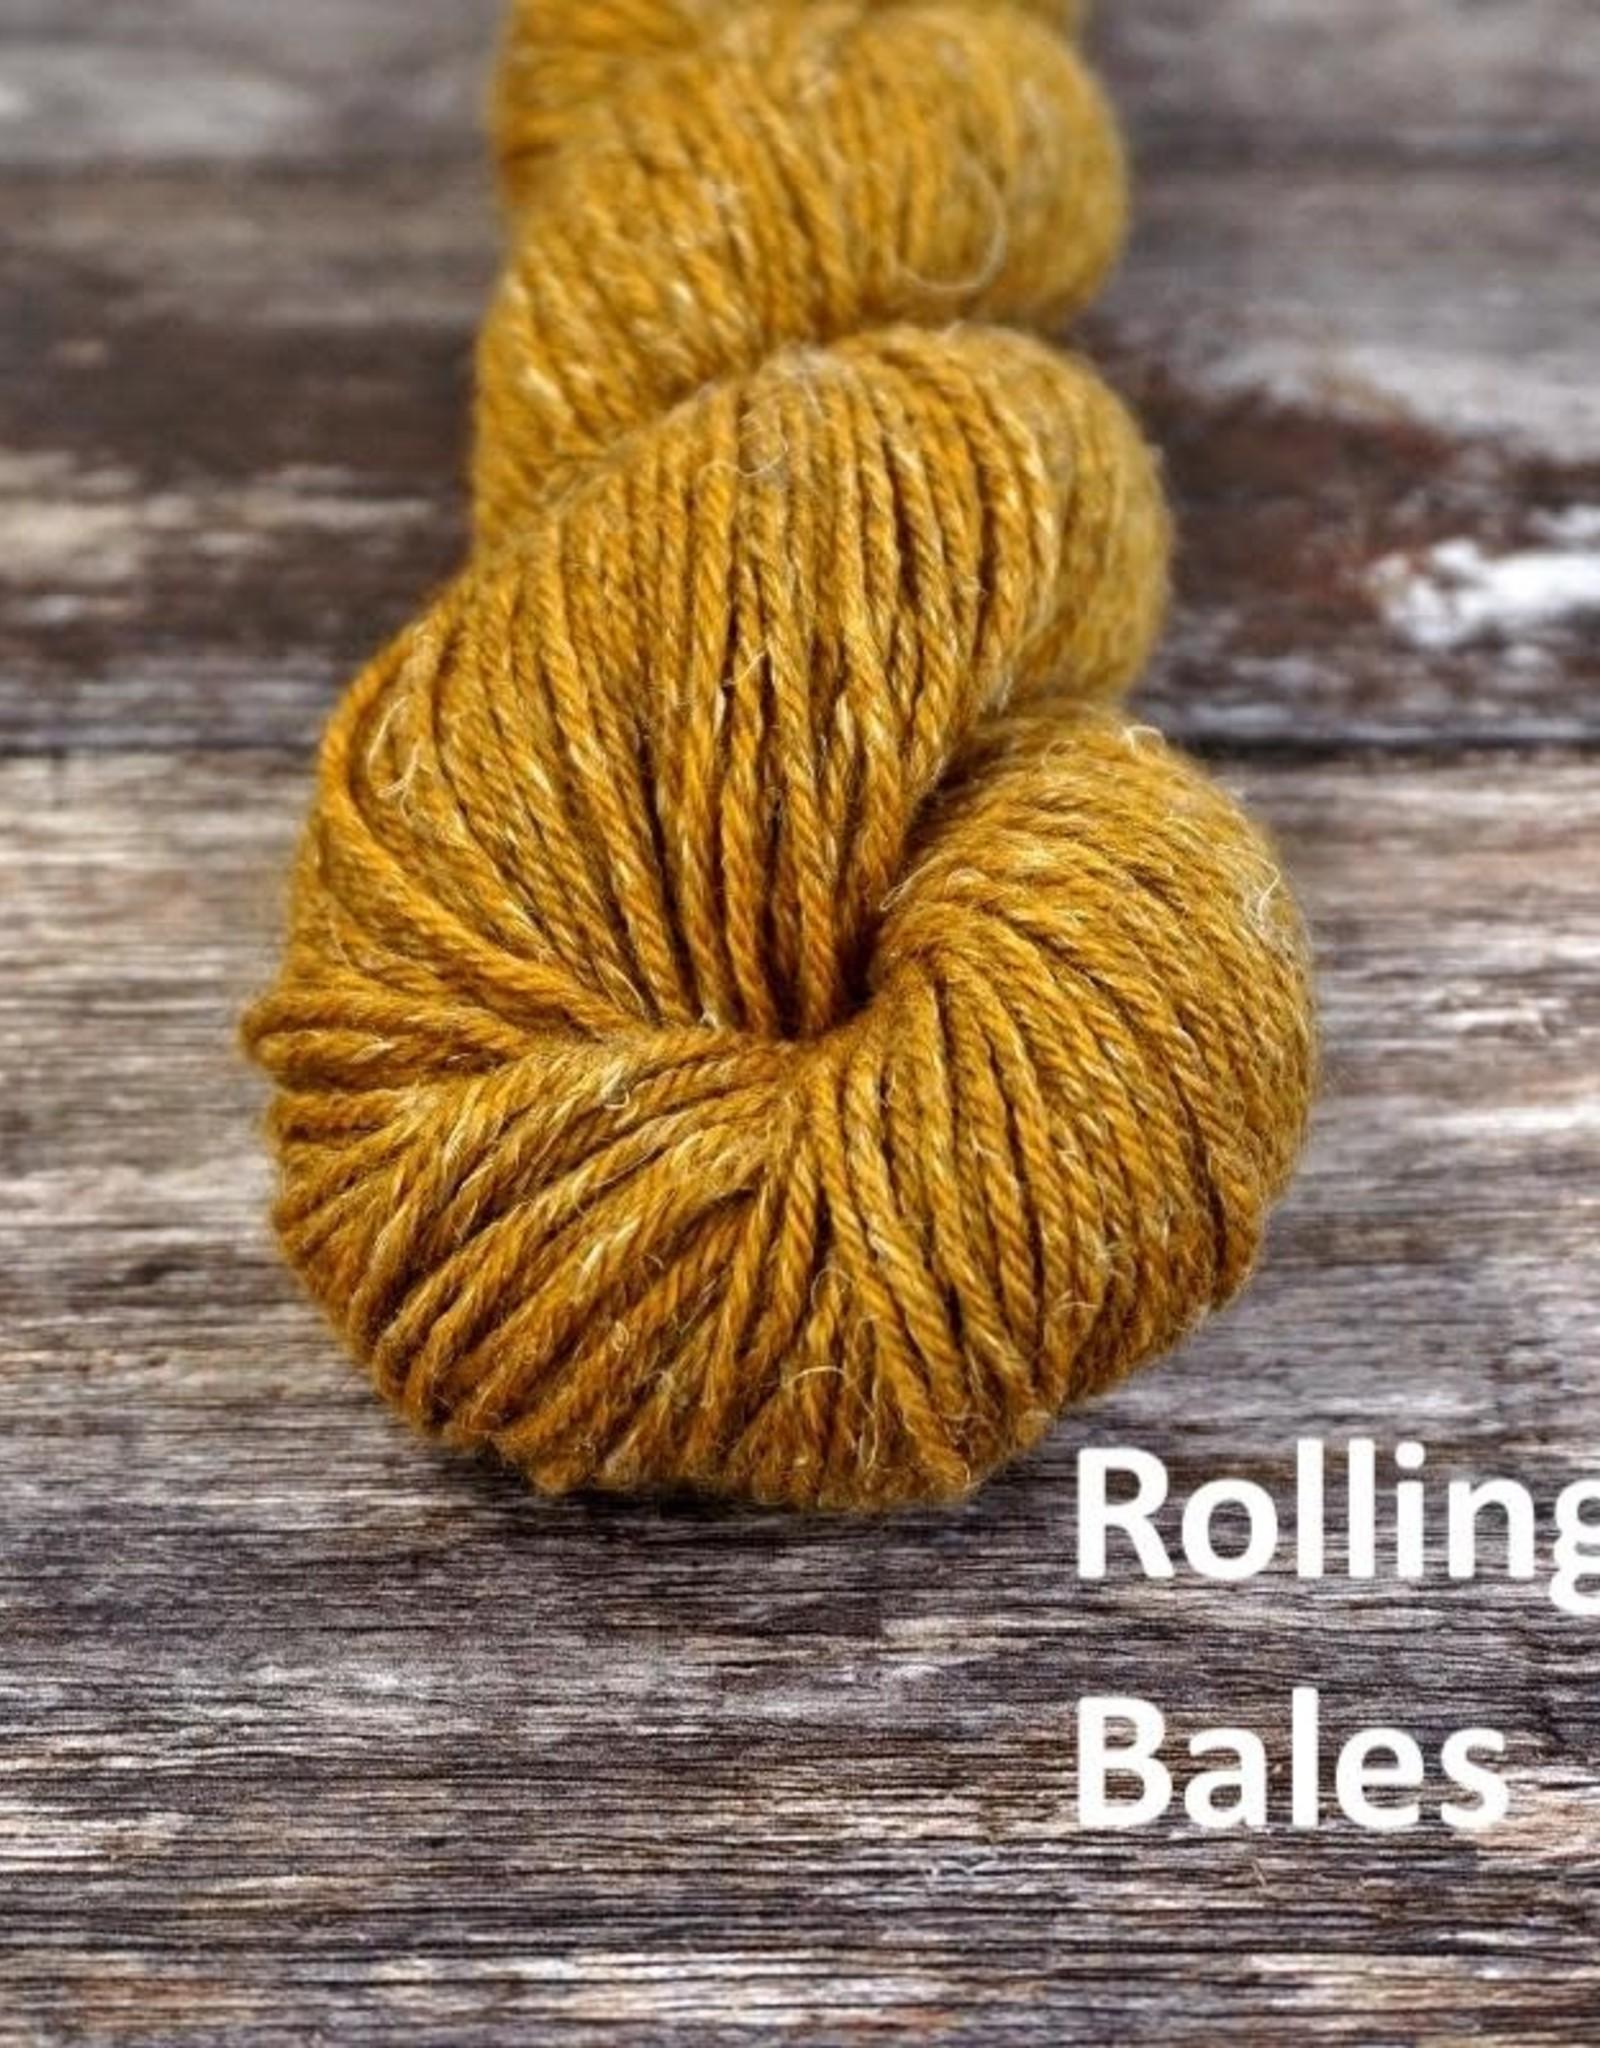 Nua - Rolling Bales 9808